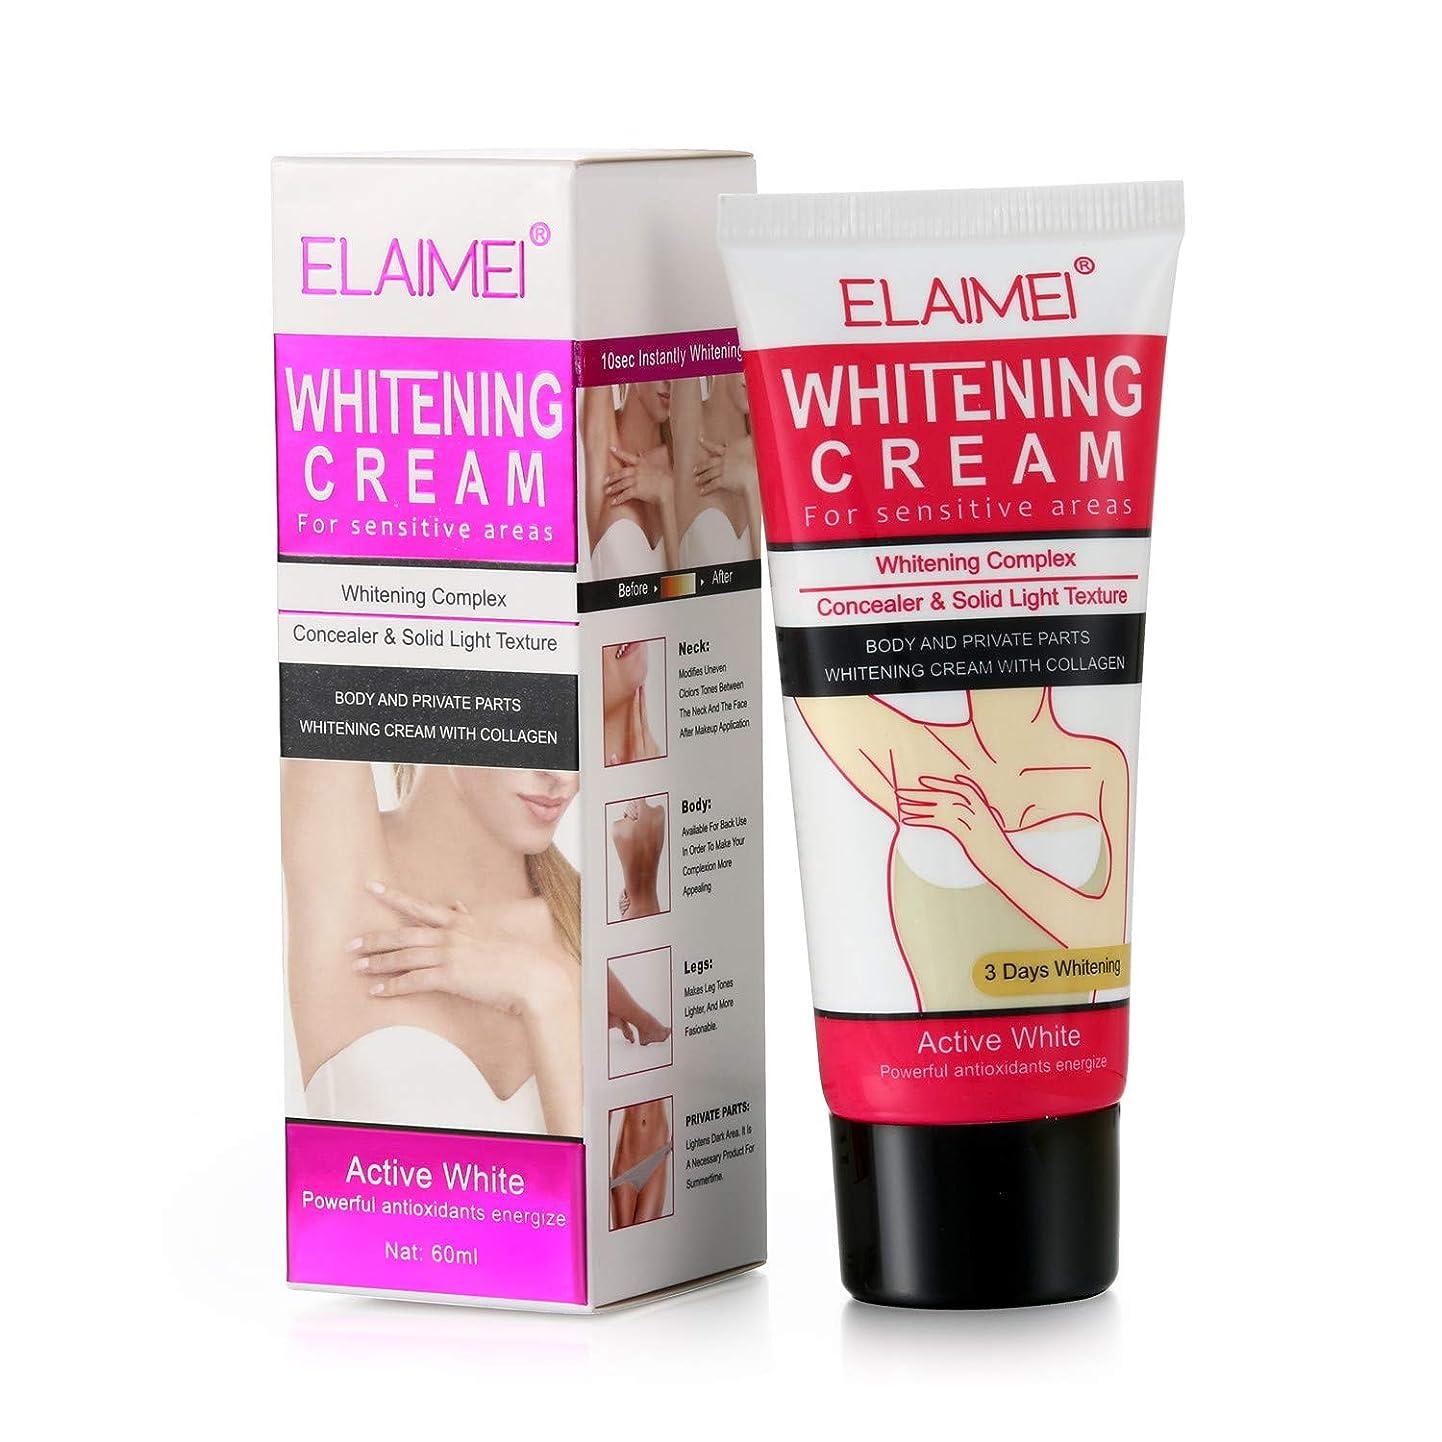 値する腰のためにJewelryWe ワキ 乳液クリーム 保湿 クリーム 脇 クリーム 黒ずみ 脇 汚れ わき 美白 自然成分 皮膚保護 クリーム